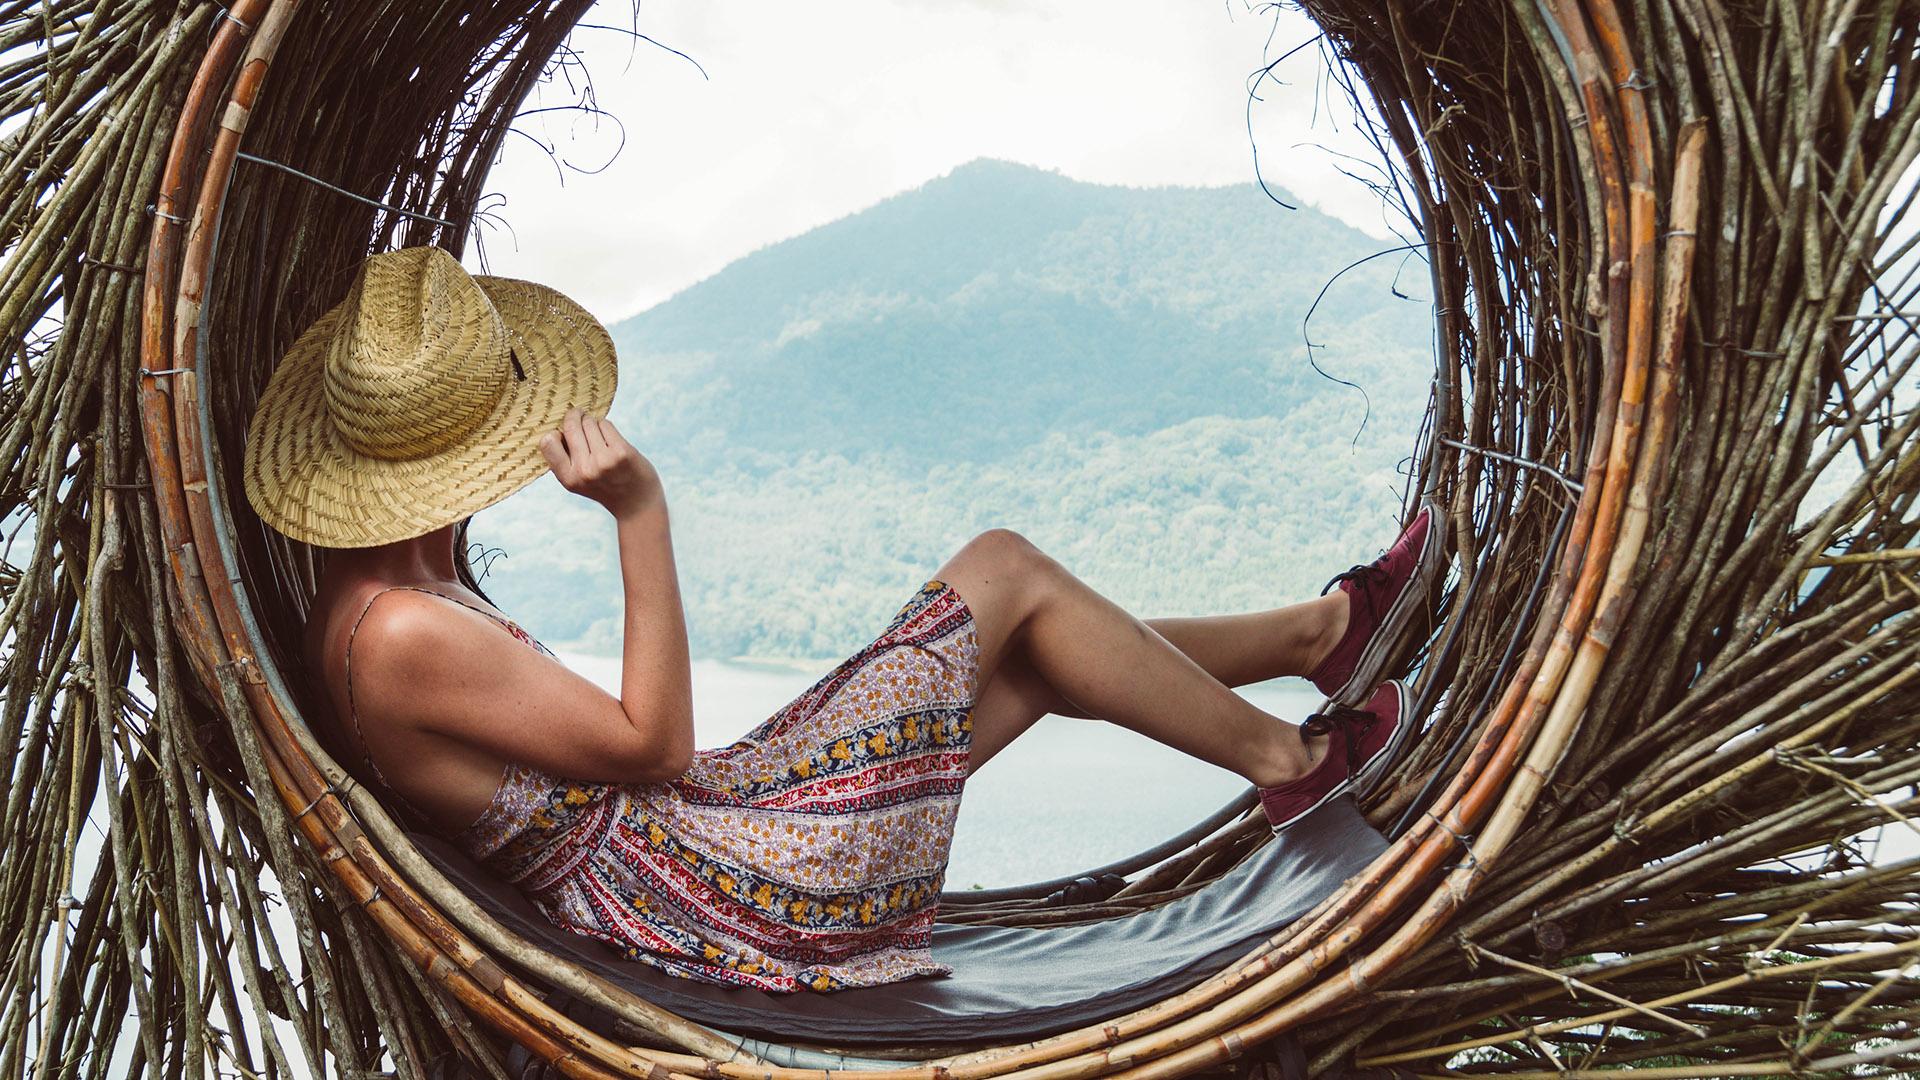 b. molnár márk ex fájdalom fizikai elengedés kapcsolat önismeret párkapcsolat randi remény szakítás szerelem szingli